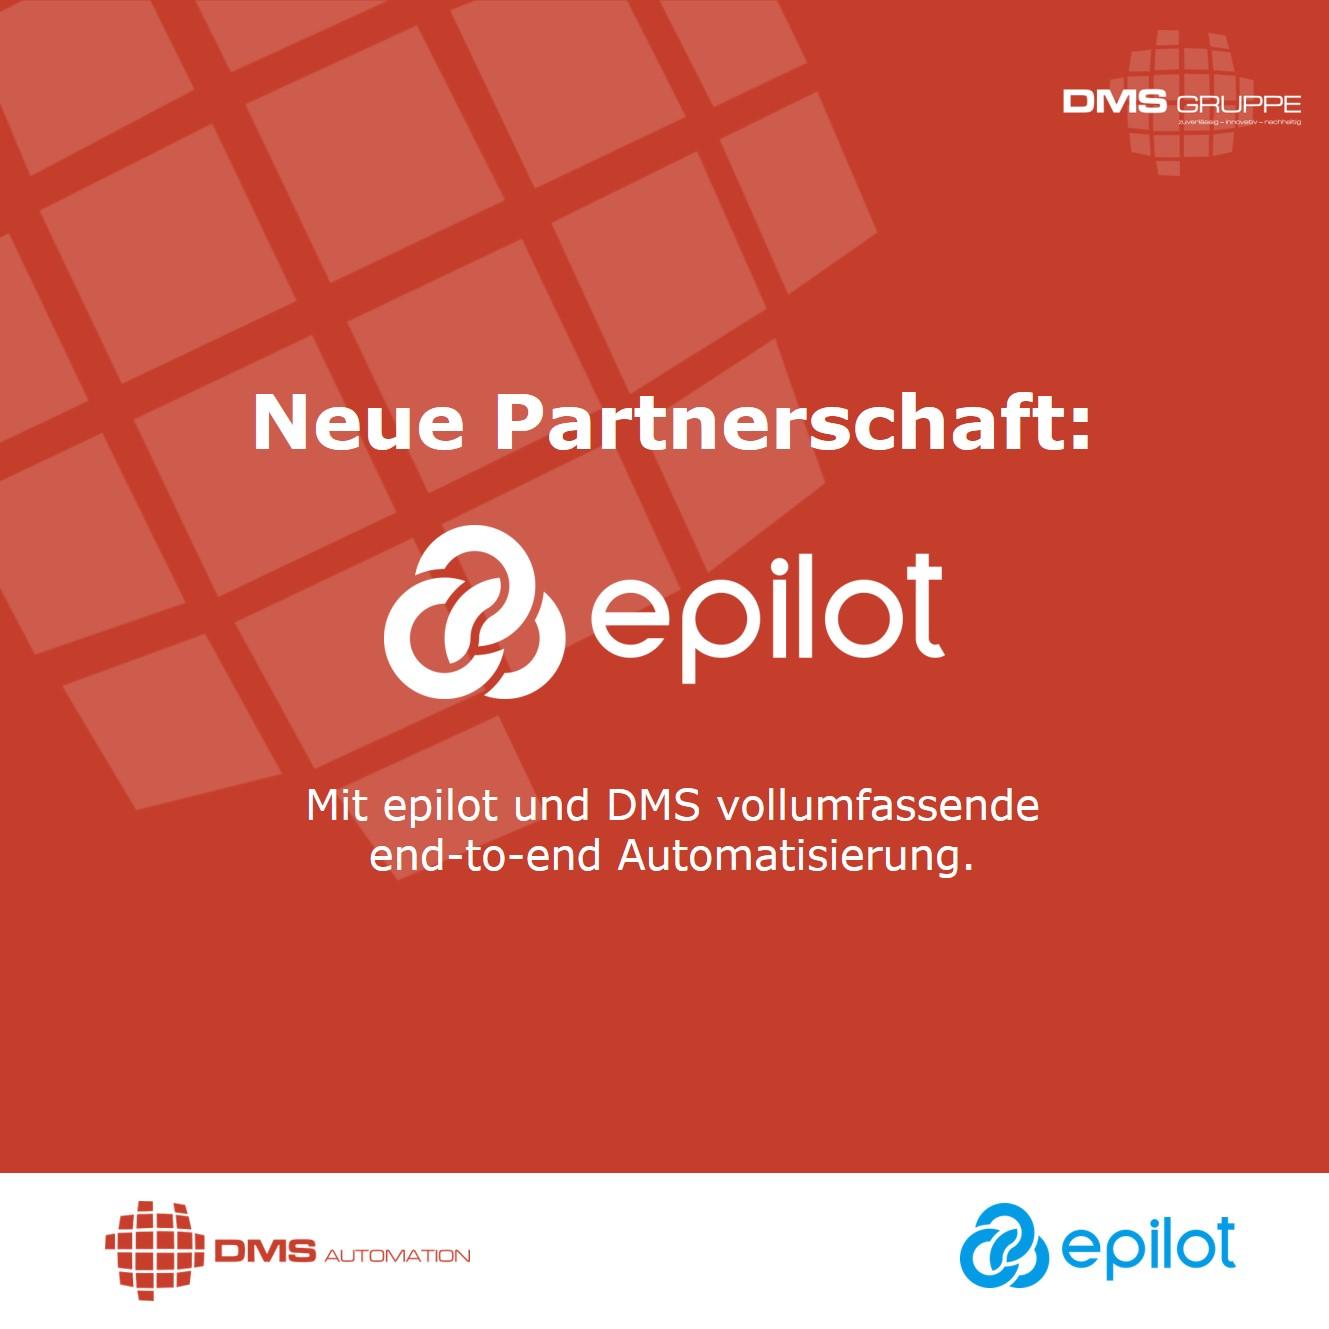 Neue Partnerschaft: DMS + epilot